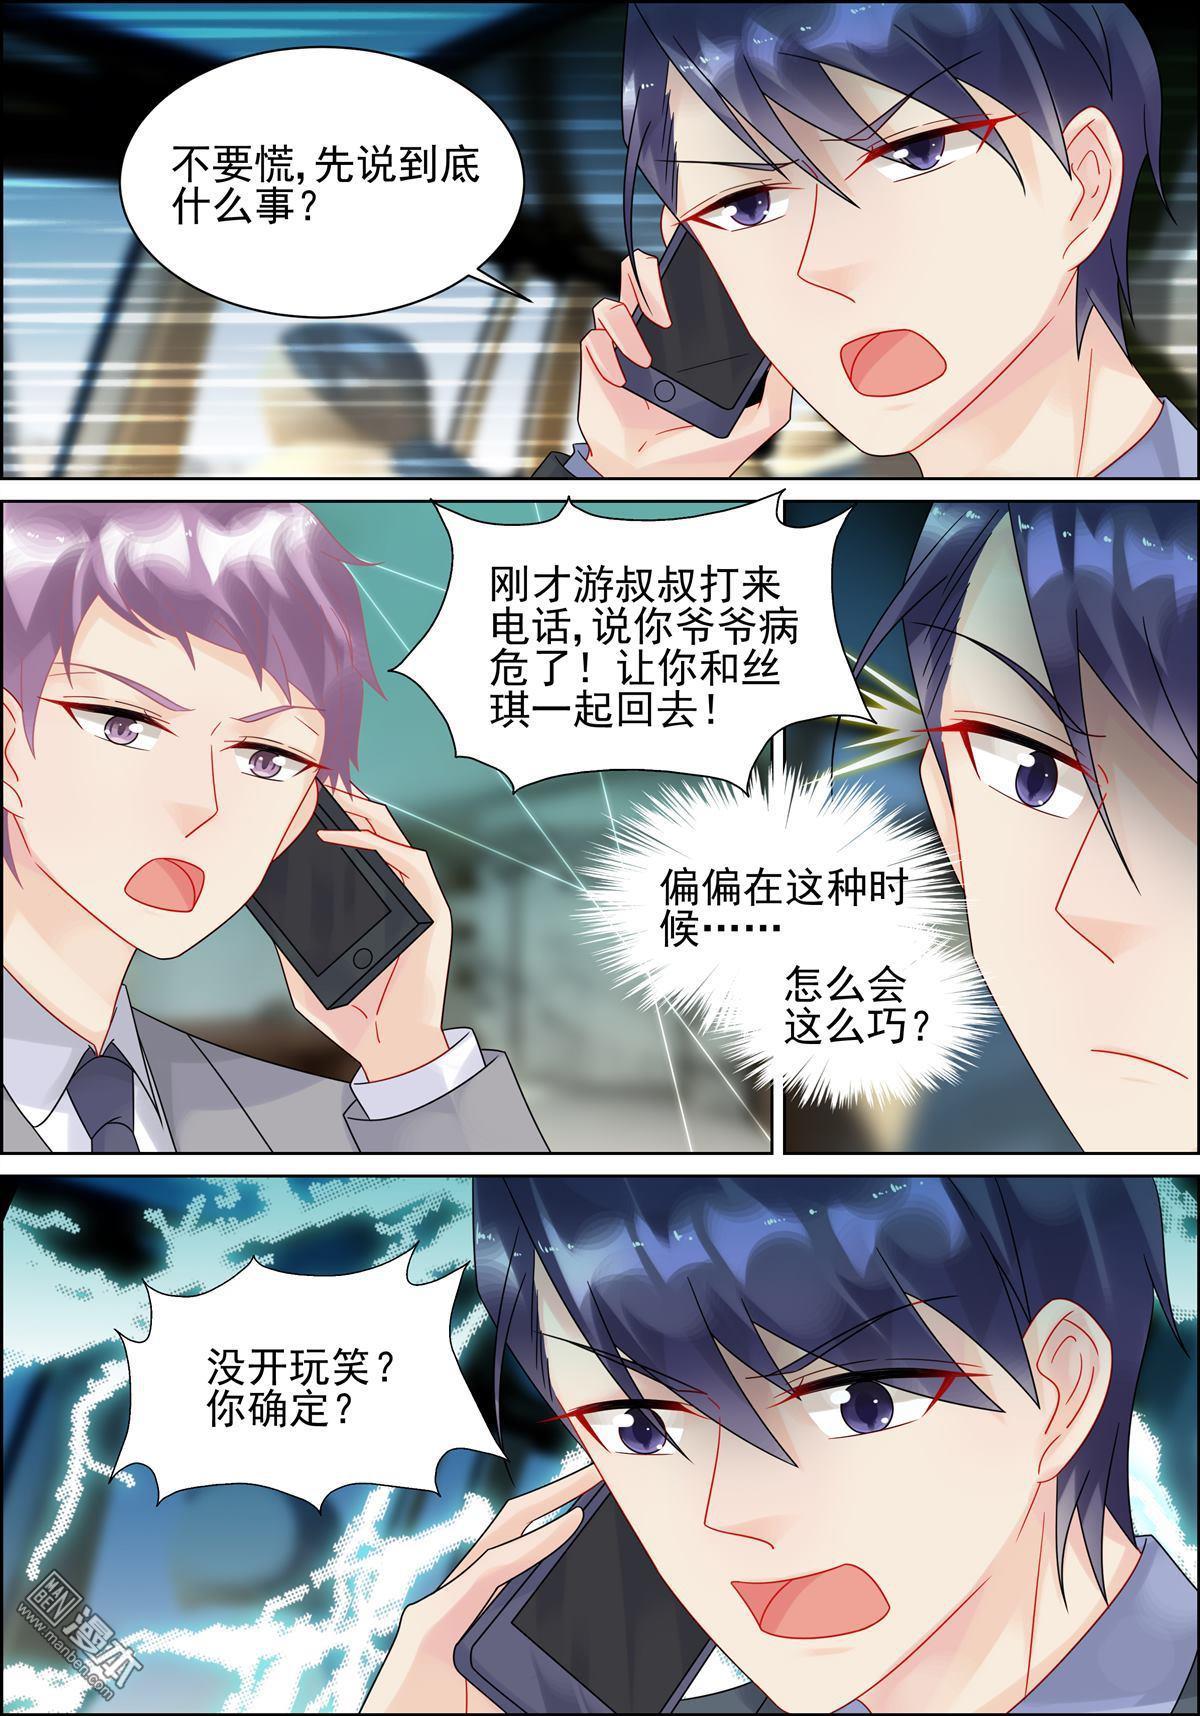 惹上首席總裁漫畫第147回(第1頁)劇情-二次元動漫